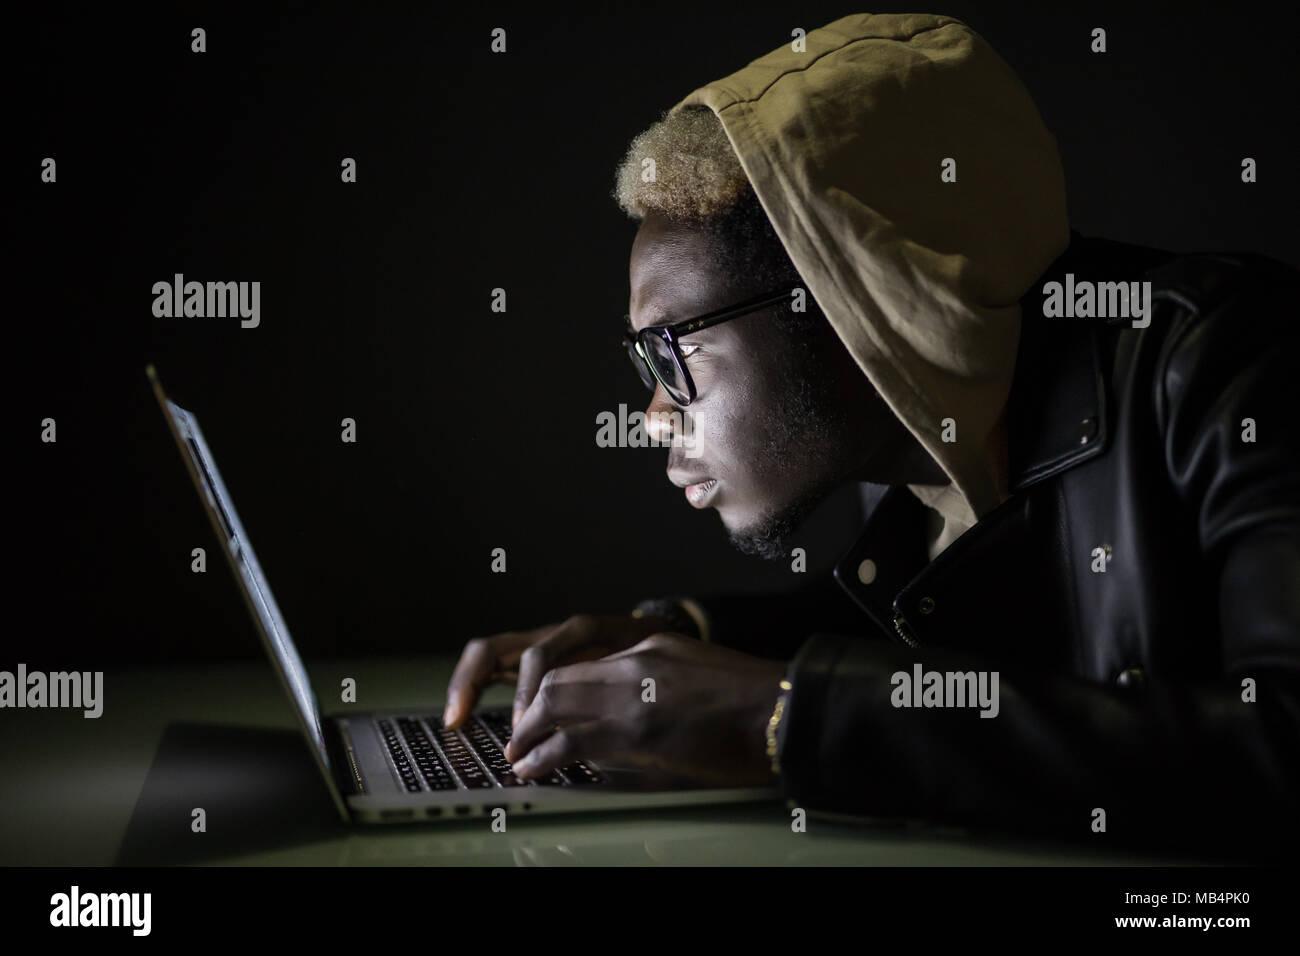 Homme beau à l'aide d'un ordinateur portable jusqu'à tard dans internet explorer Photo Stock